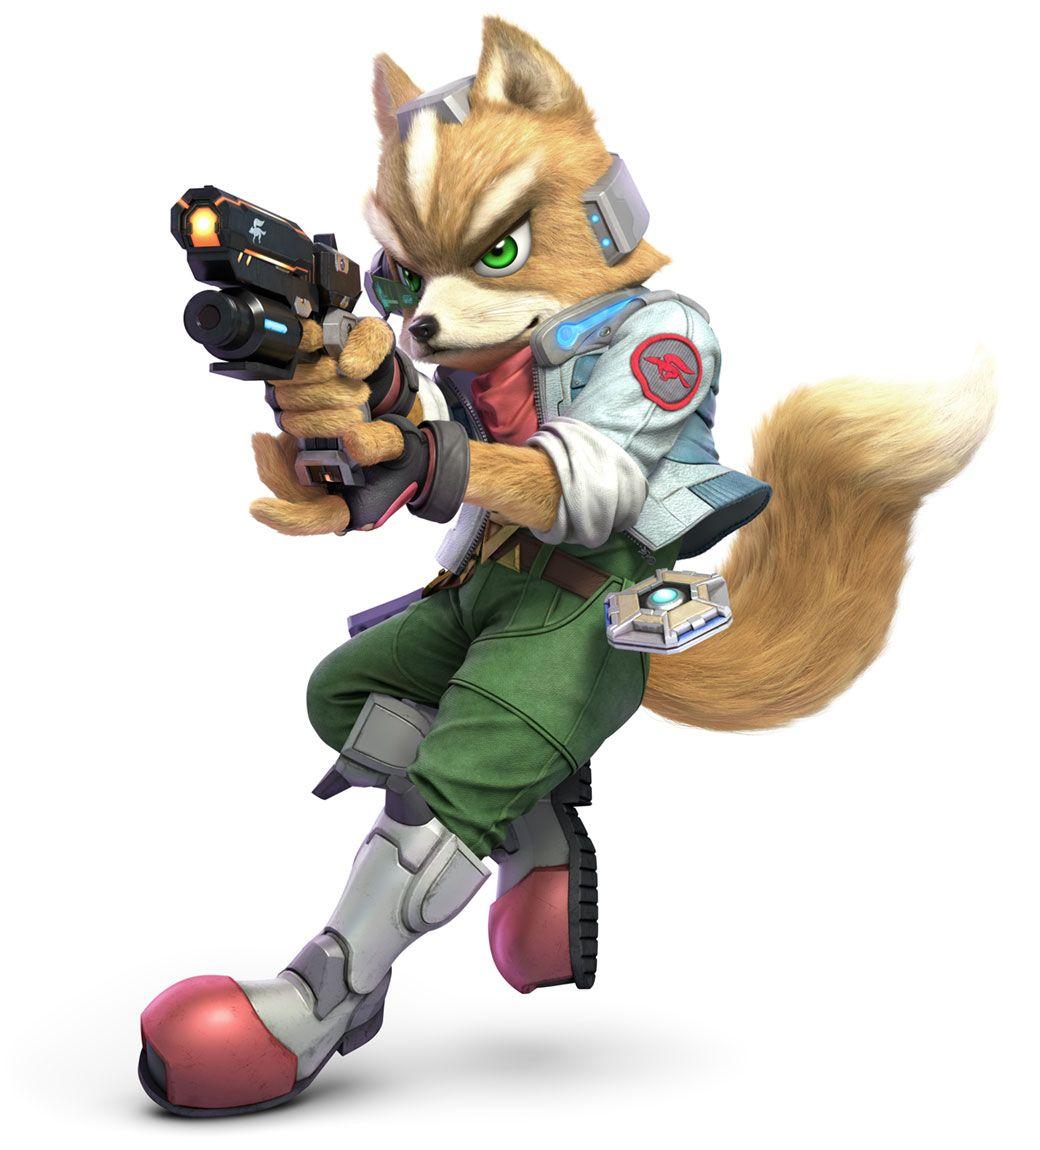 Fox Mccloud Artwork From Super Smash Bros Ultimate Art